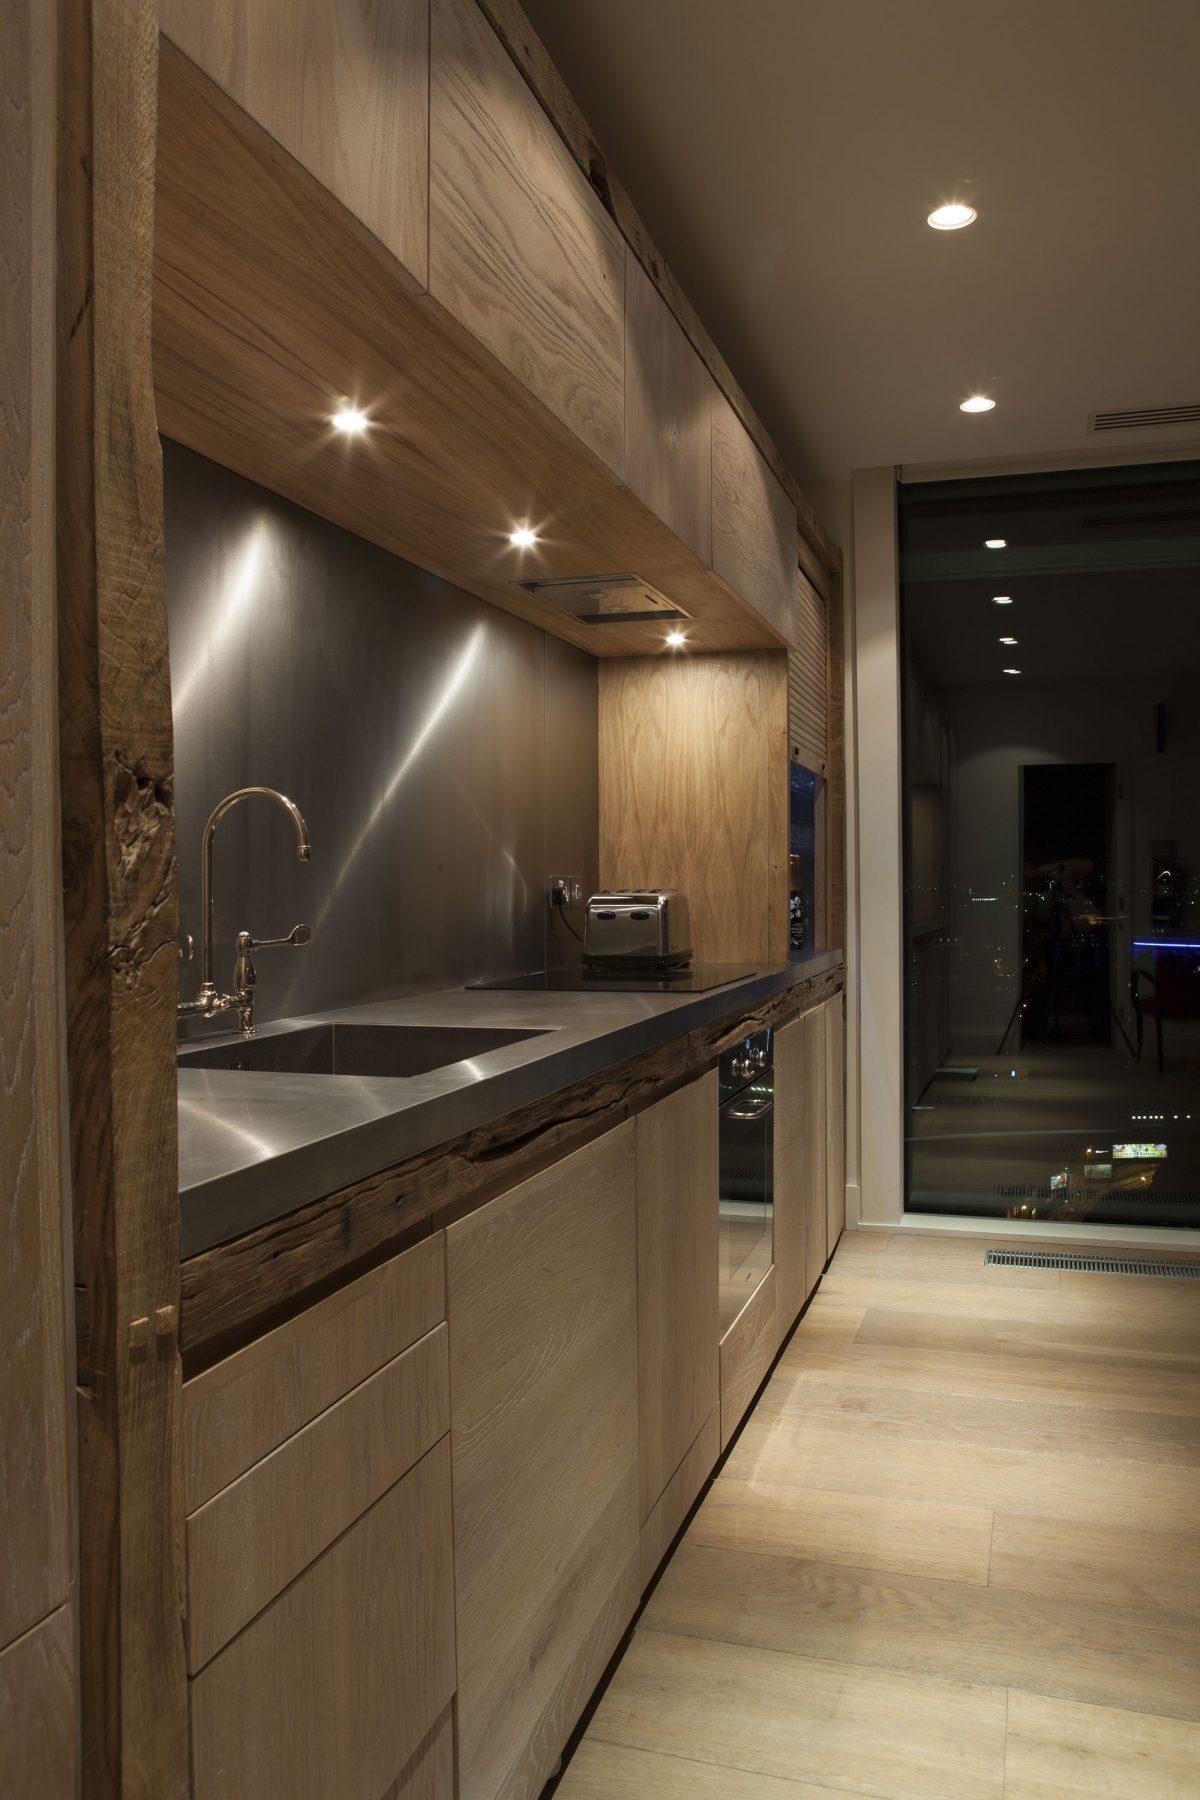 Jan-Hendzel-Studio-Kevin-Spacey-Kitchen-iso